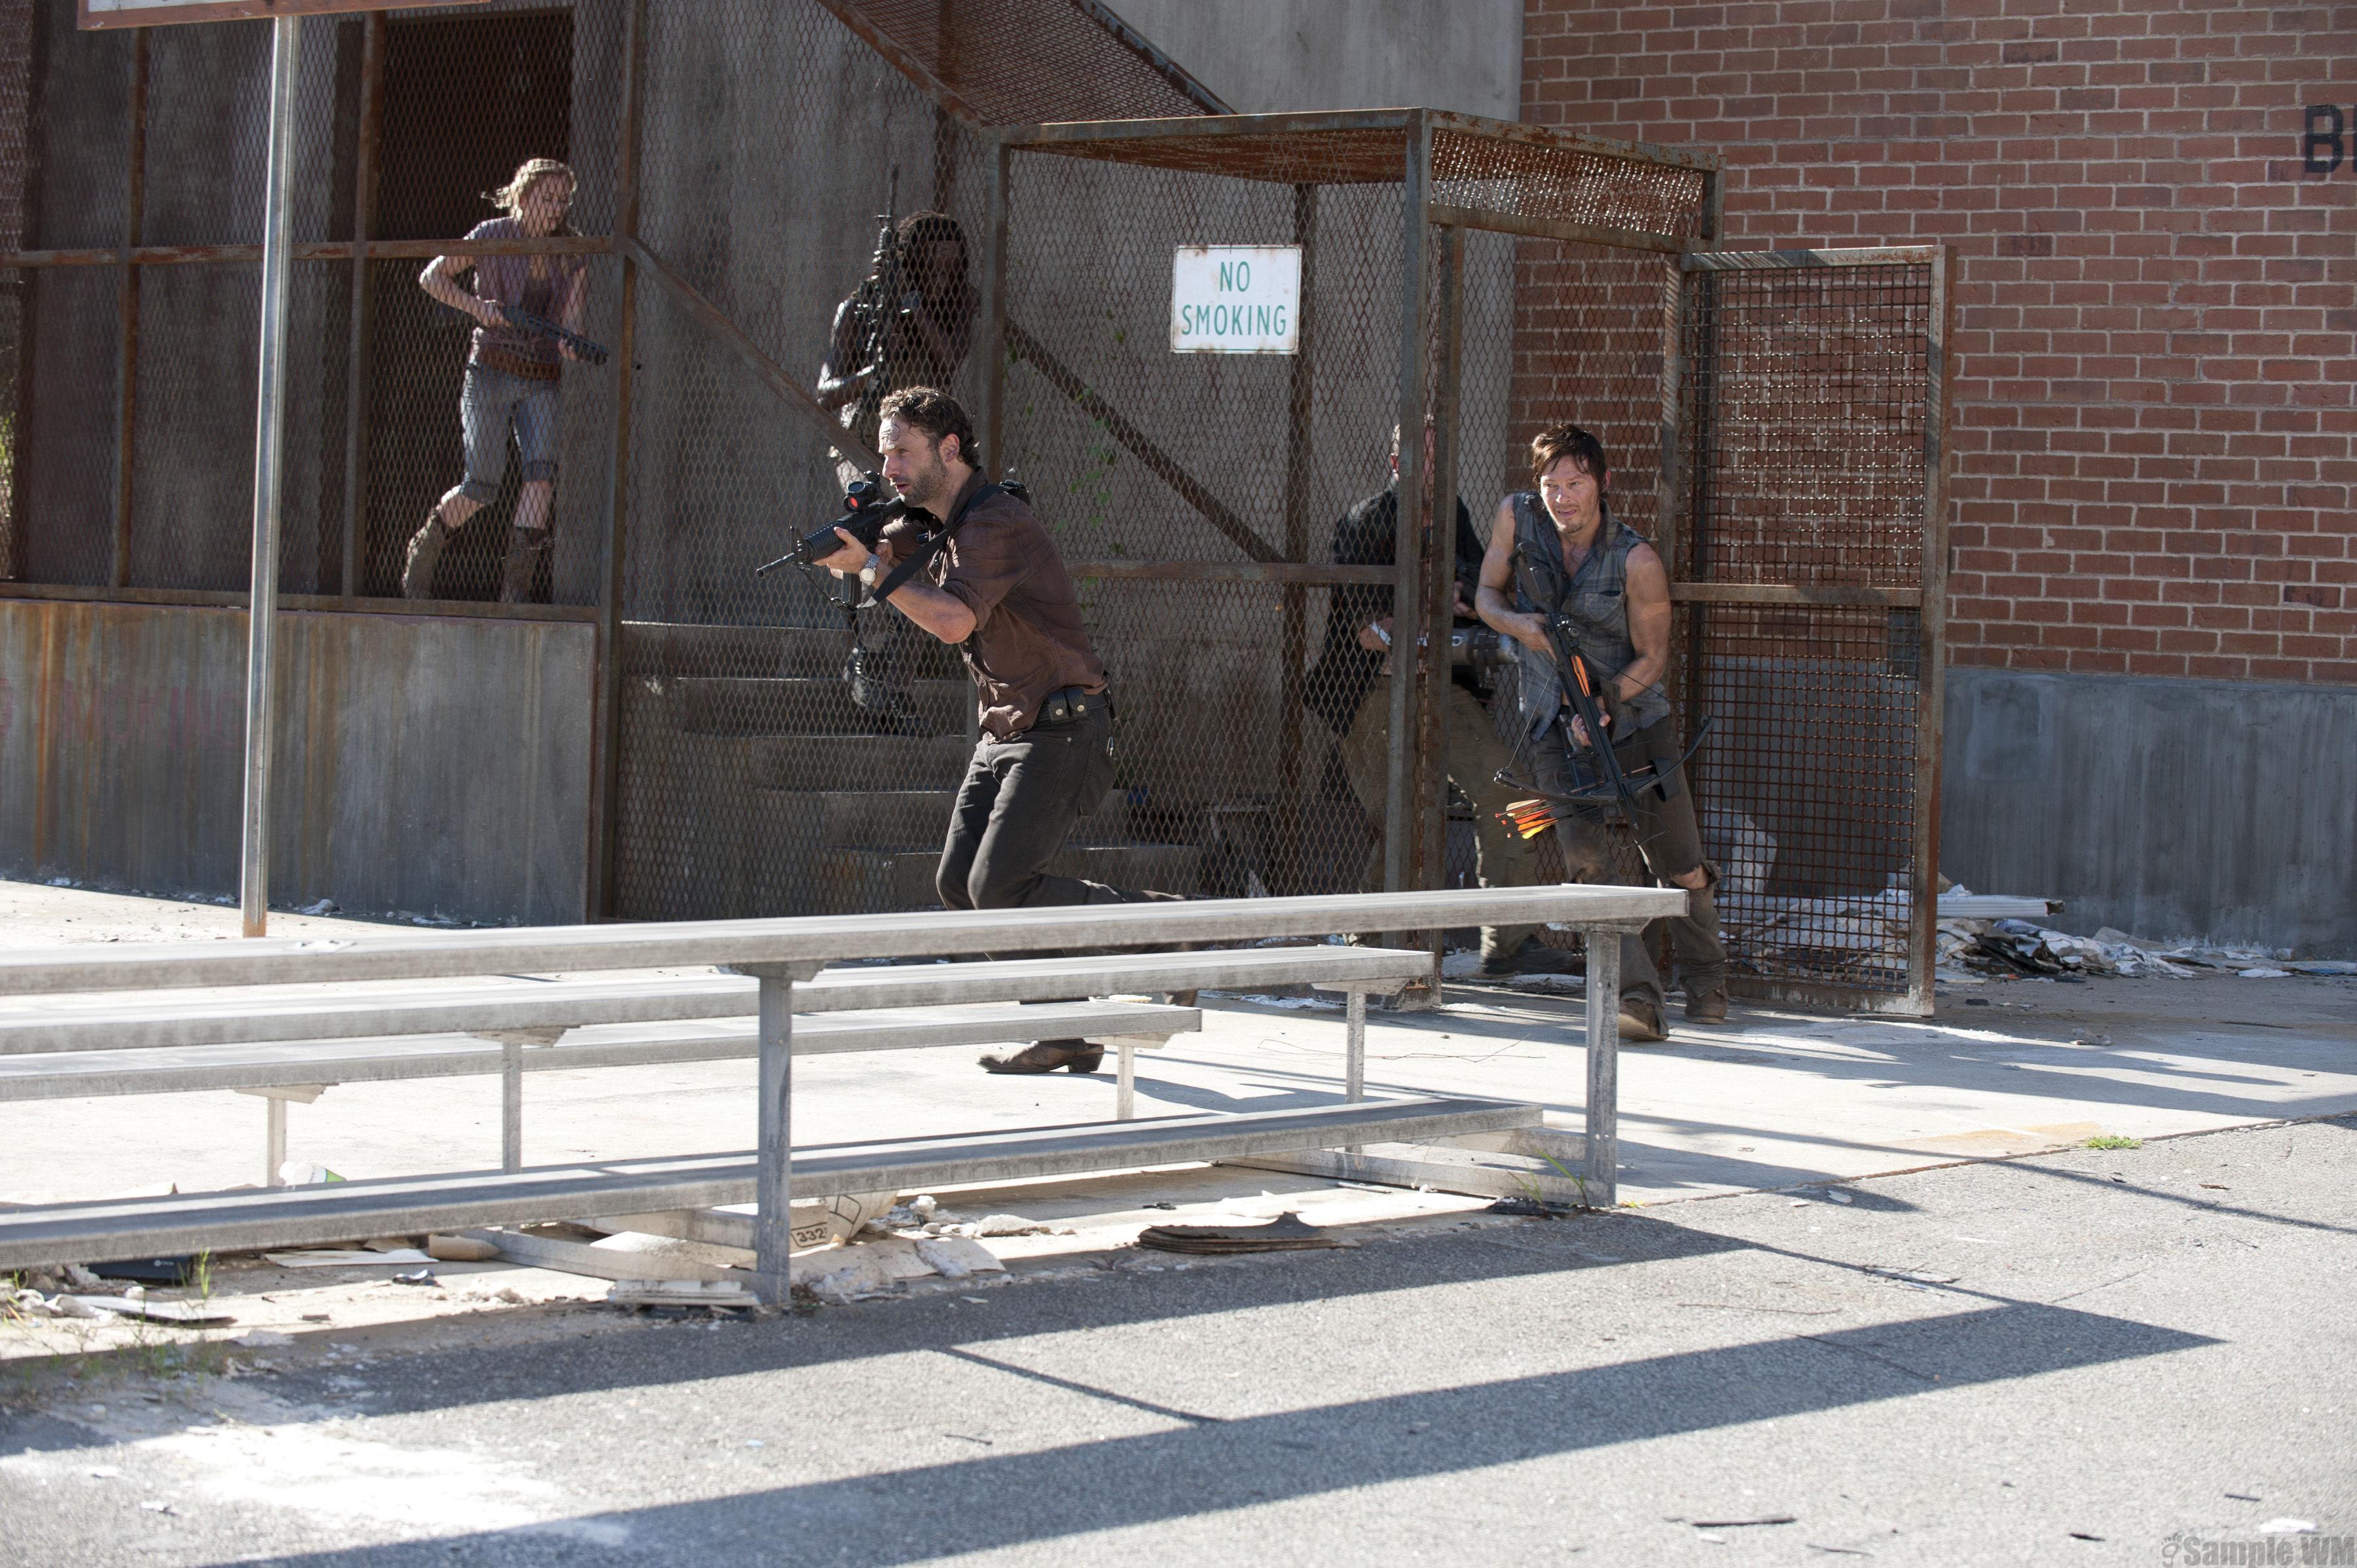 The Walking Dead - 3x11 - I Ain't a Judas